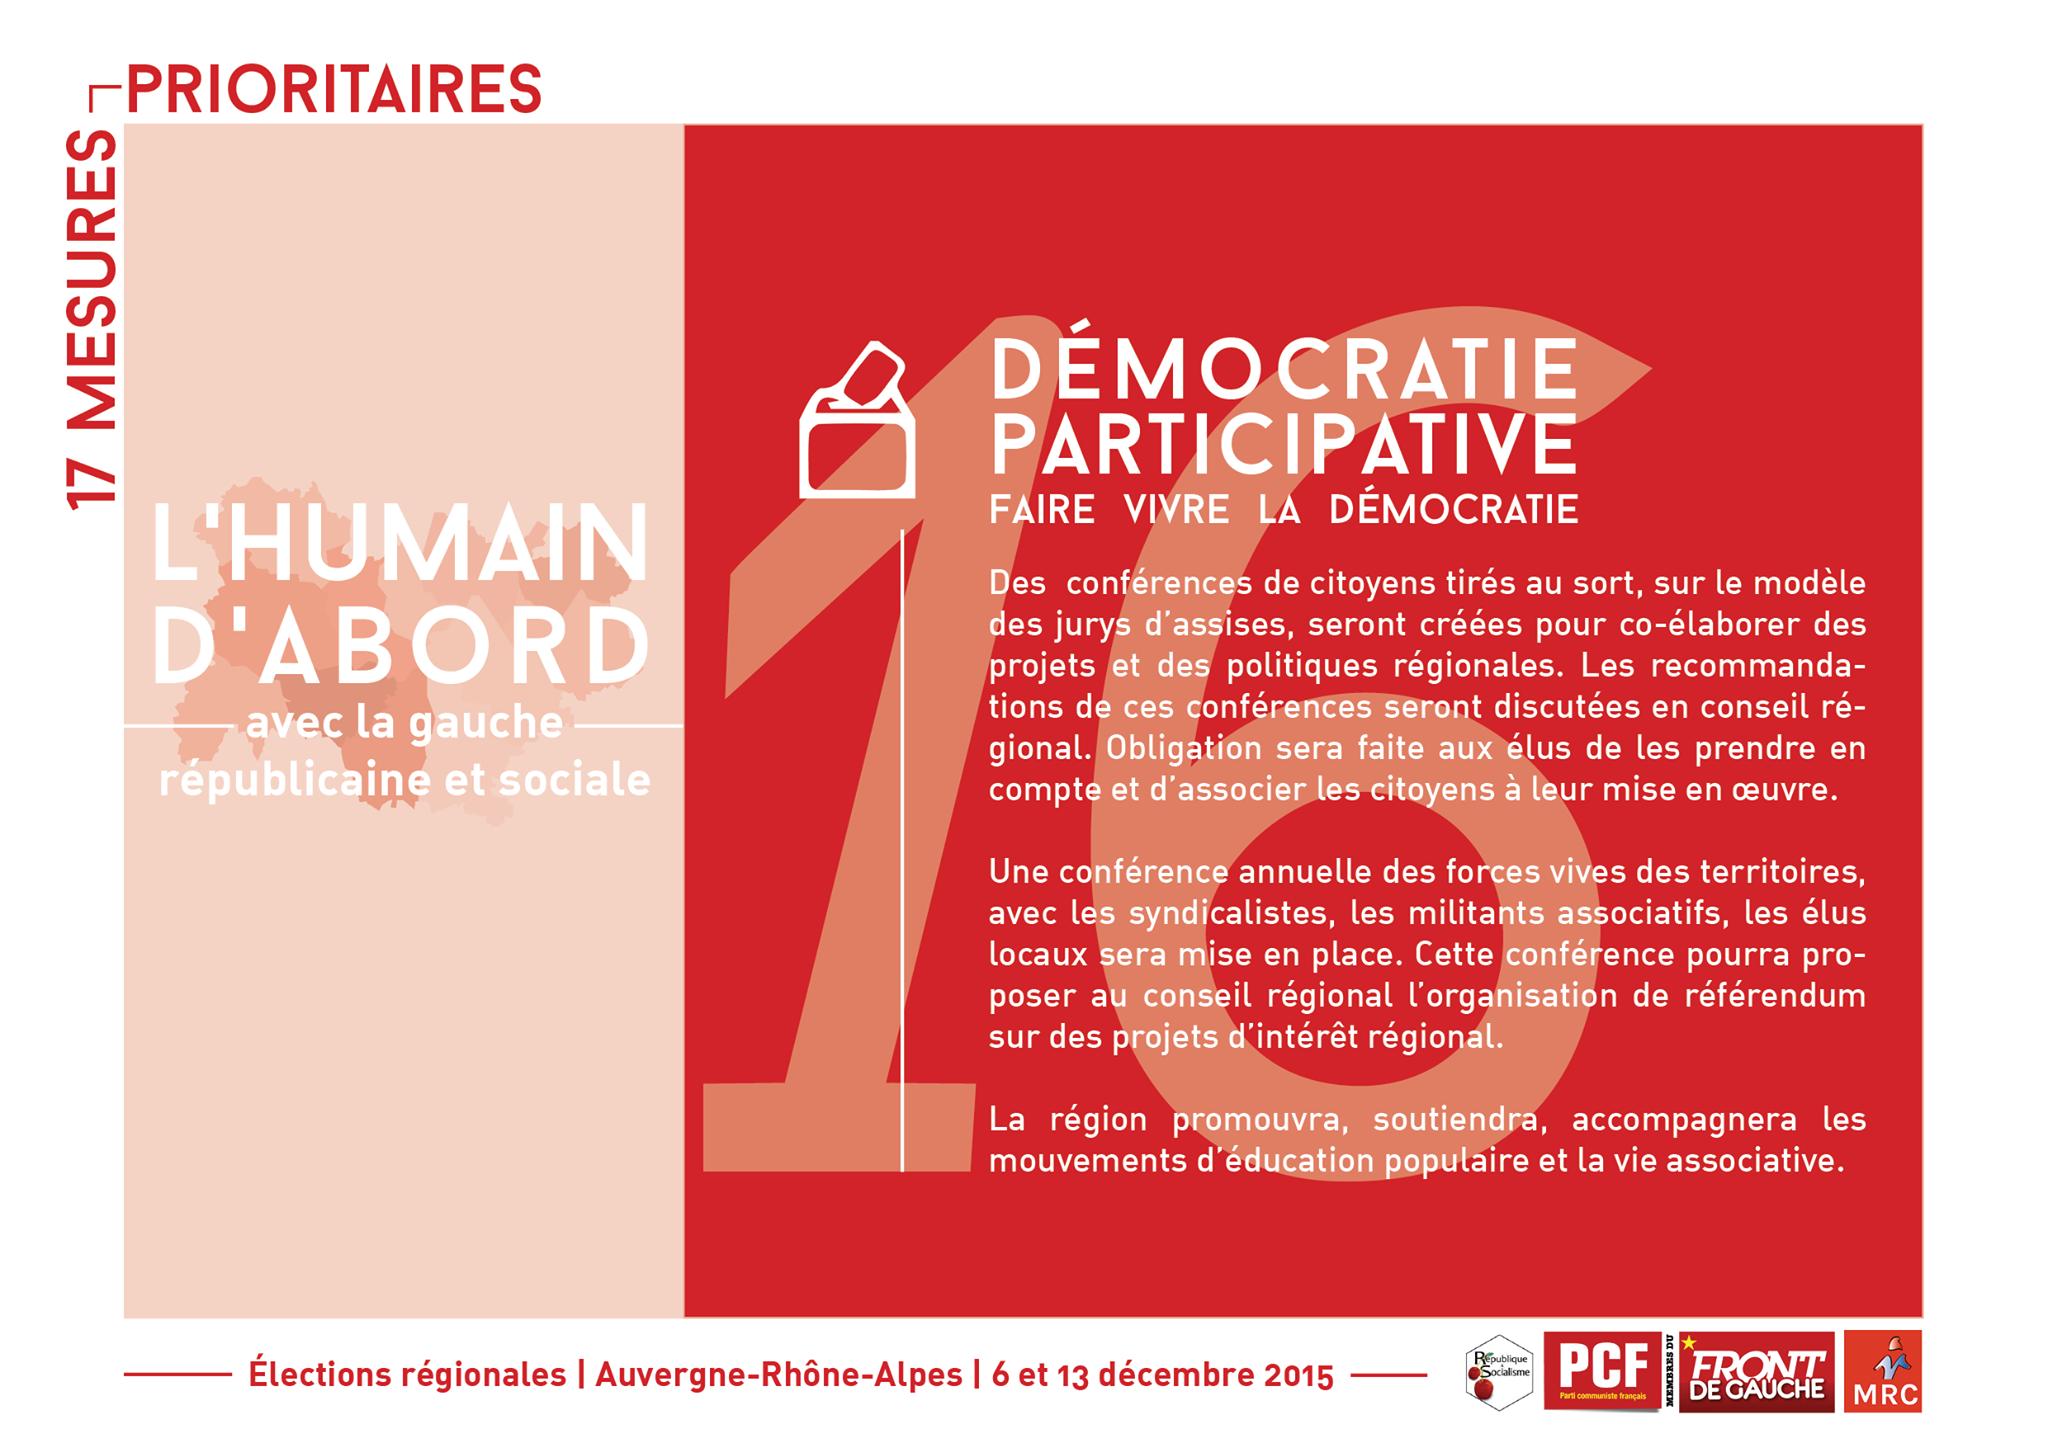 Quelques-unes de nos propositions pour une région citoyenne, solidaire et impliquée dans l'avenir des citoyens